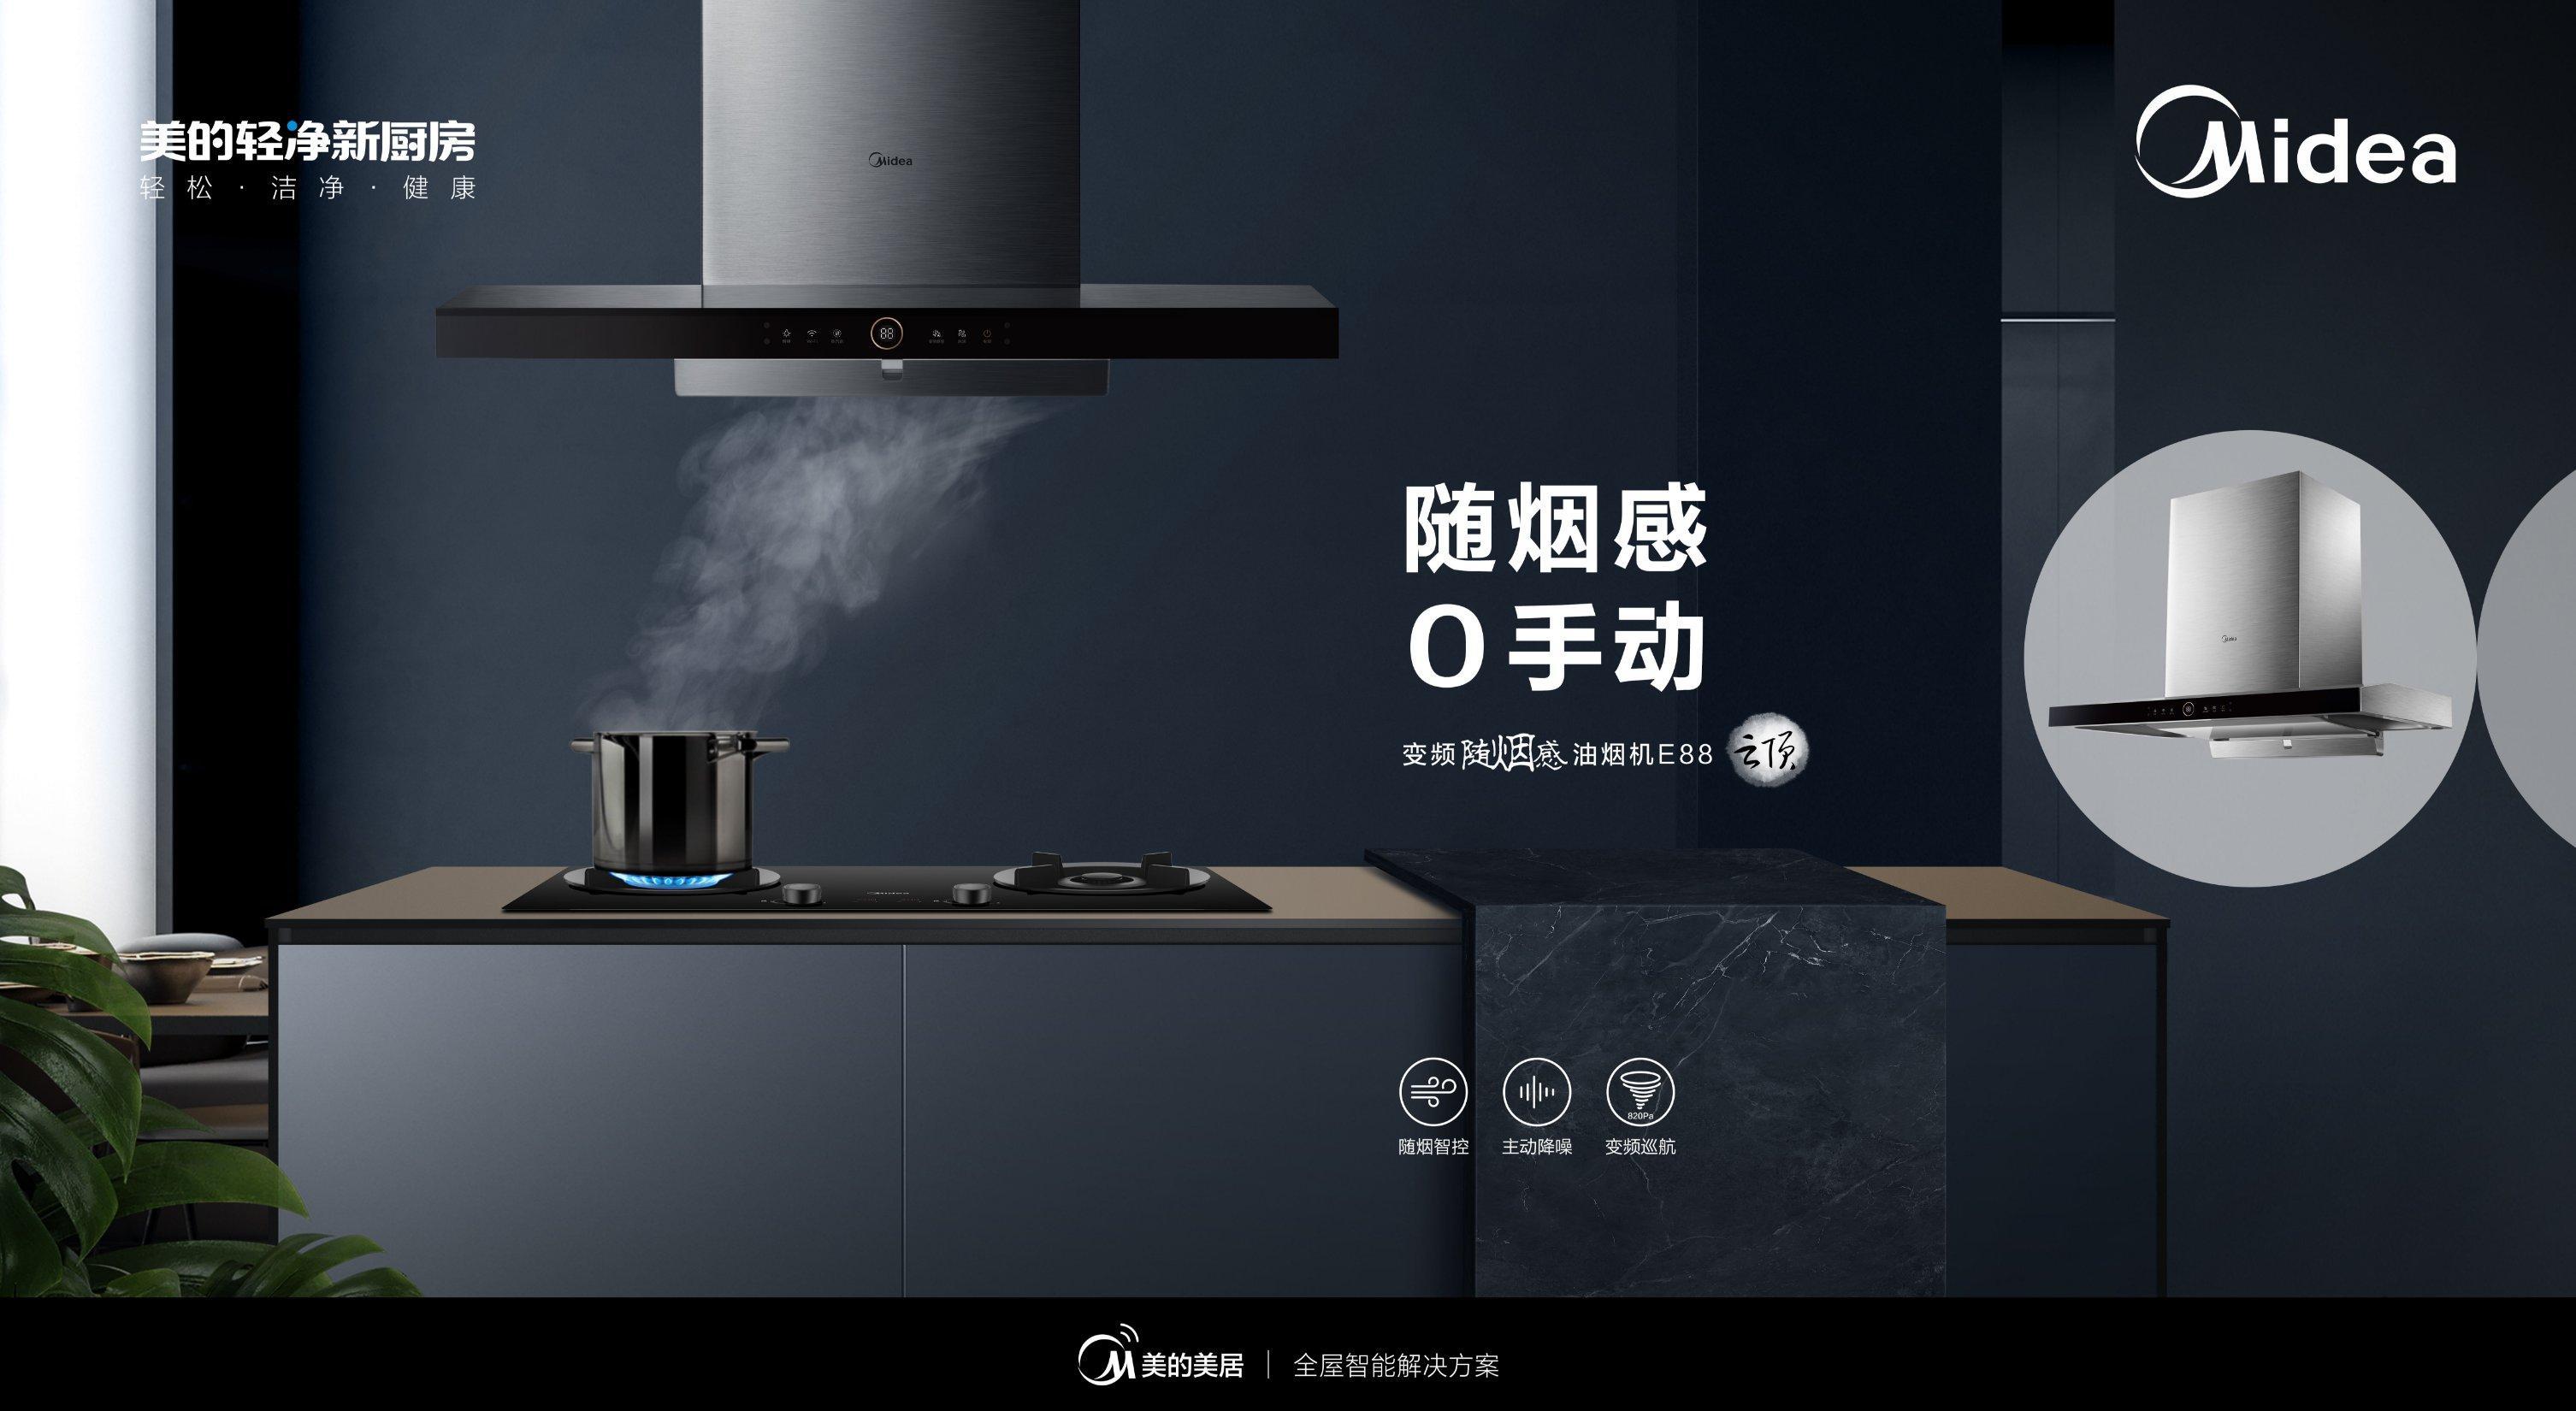 """智能一键烹,变频随烟感丨美的IoT厨房新""""净""""界"""